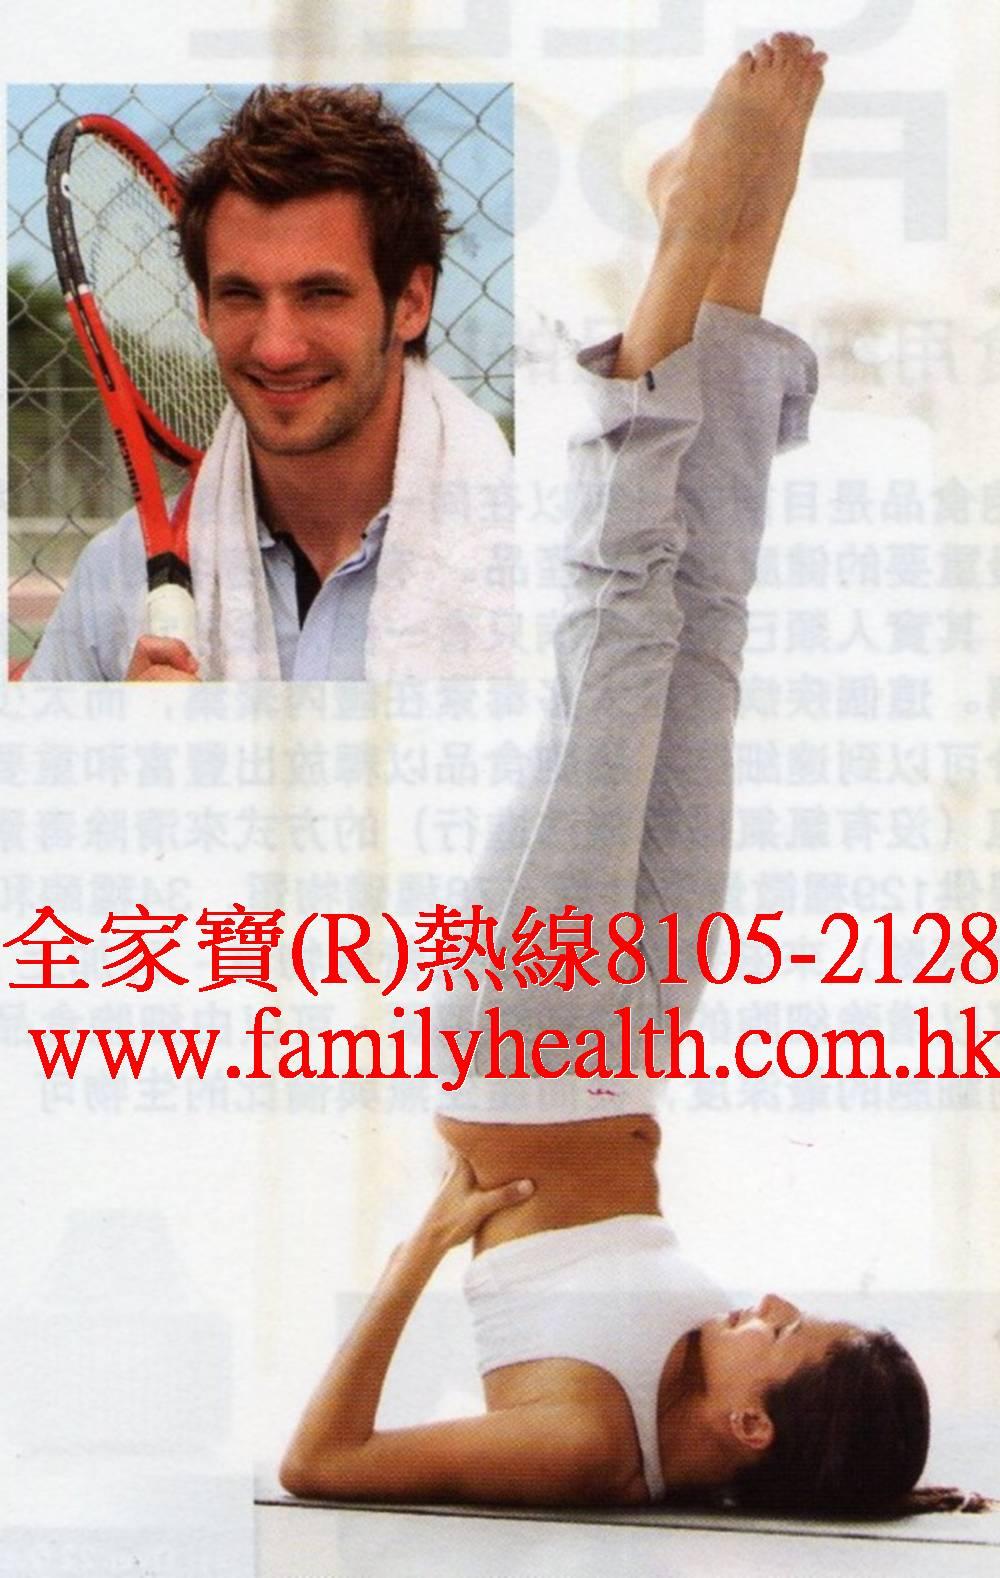 http://www.familyhealth.com.hk/files/full/869_4.jpg